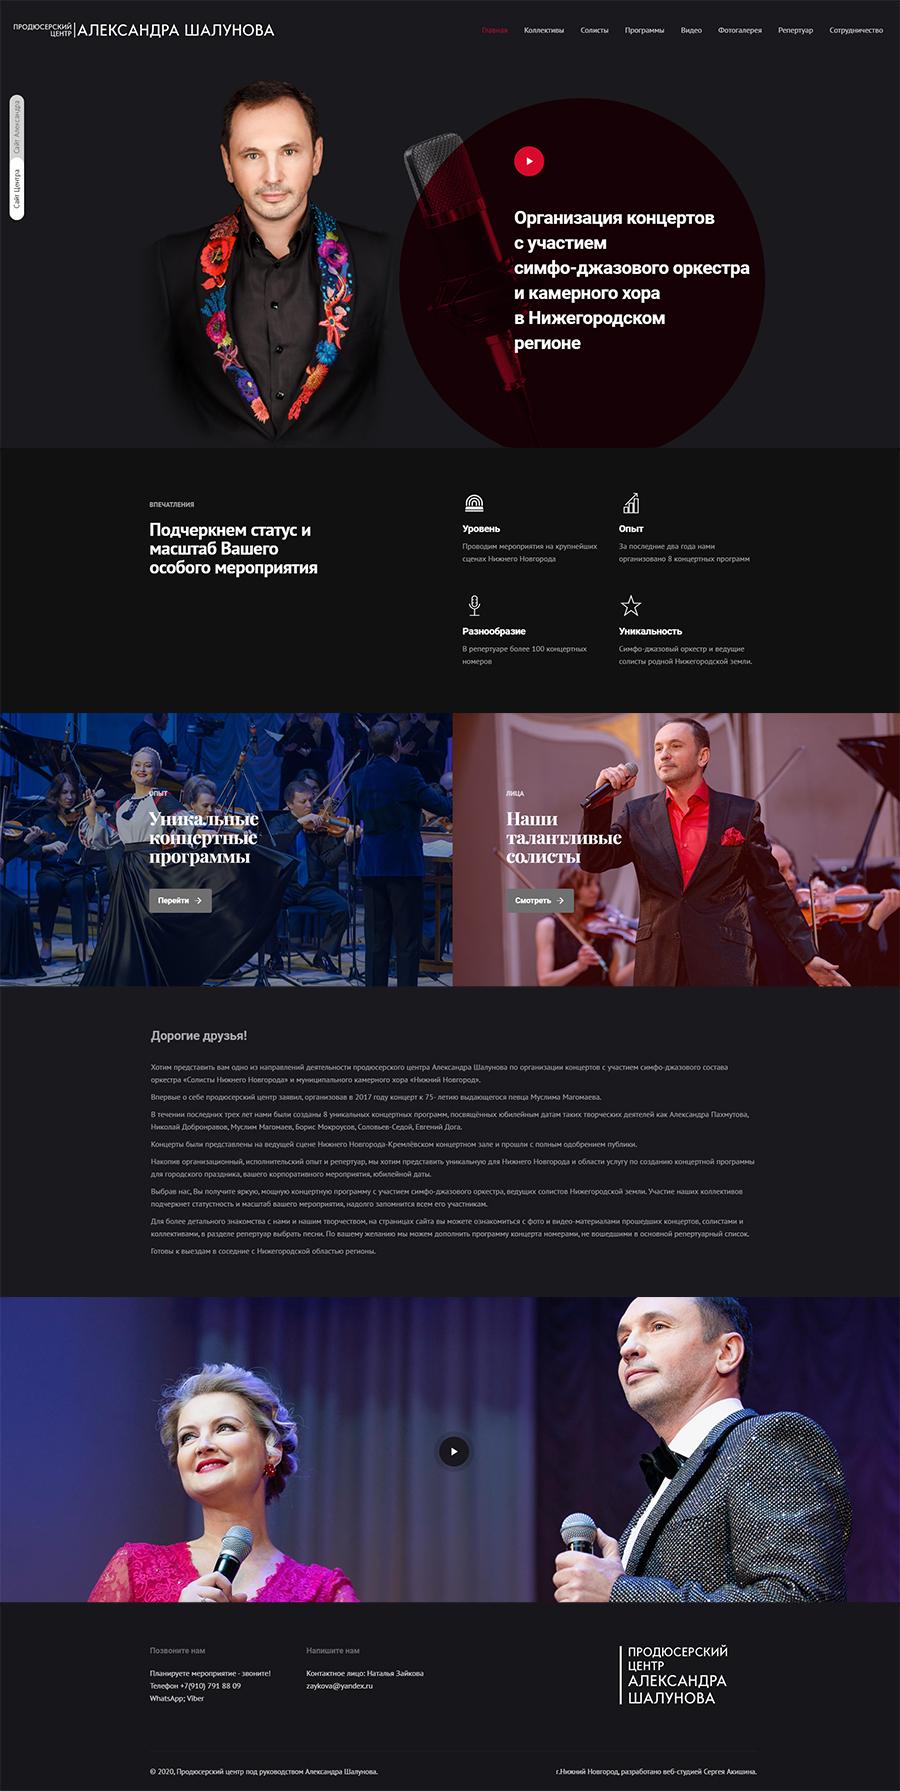 Сайт для продюсерского центра Александра Шалунова